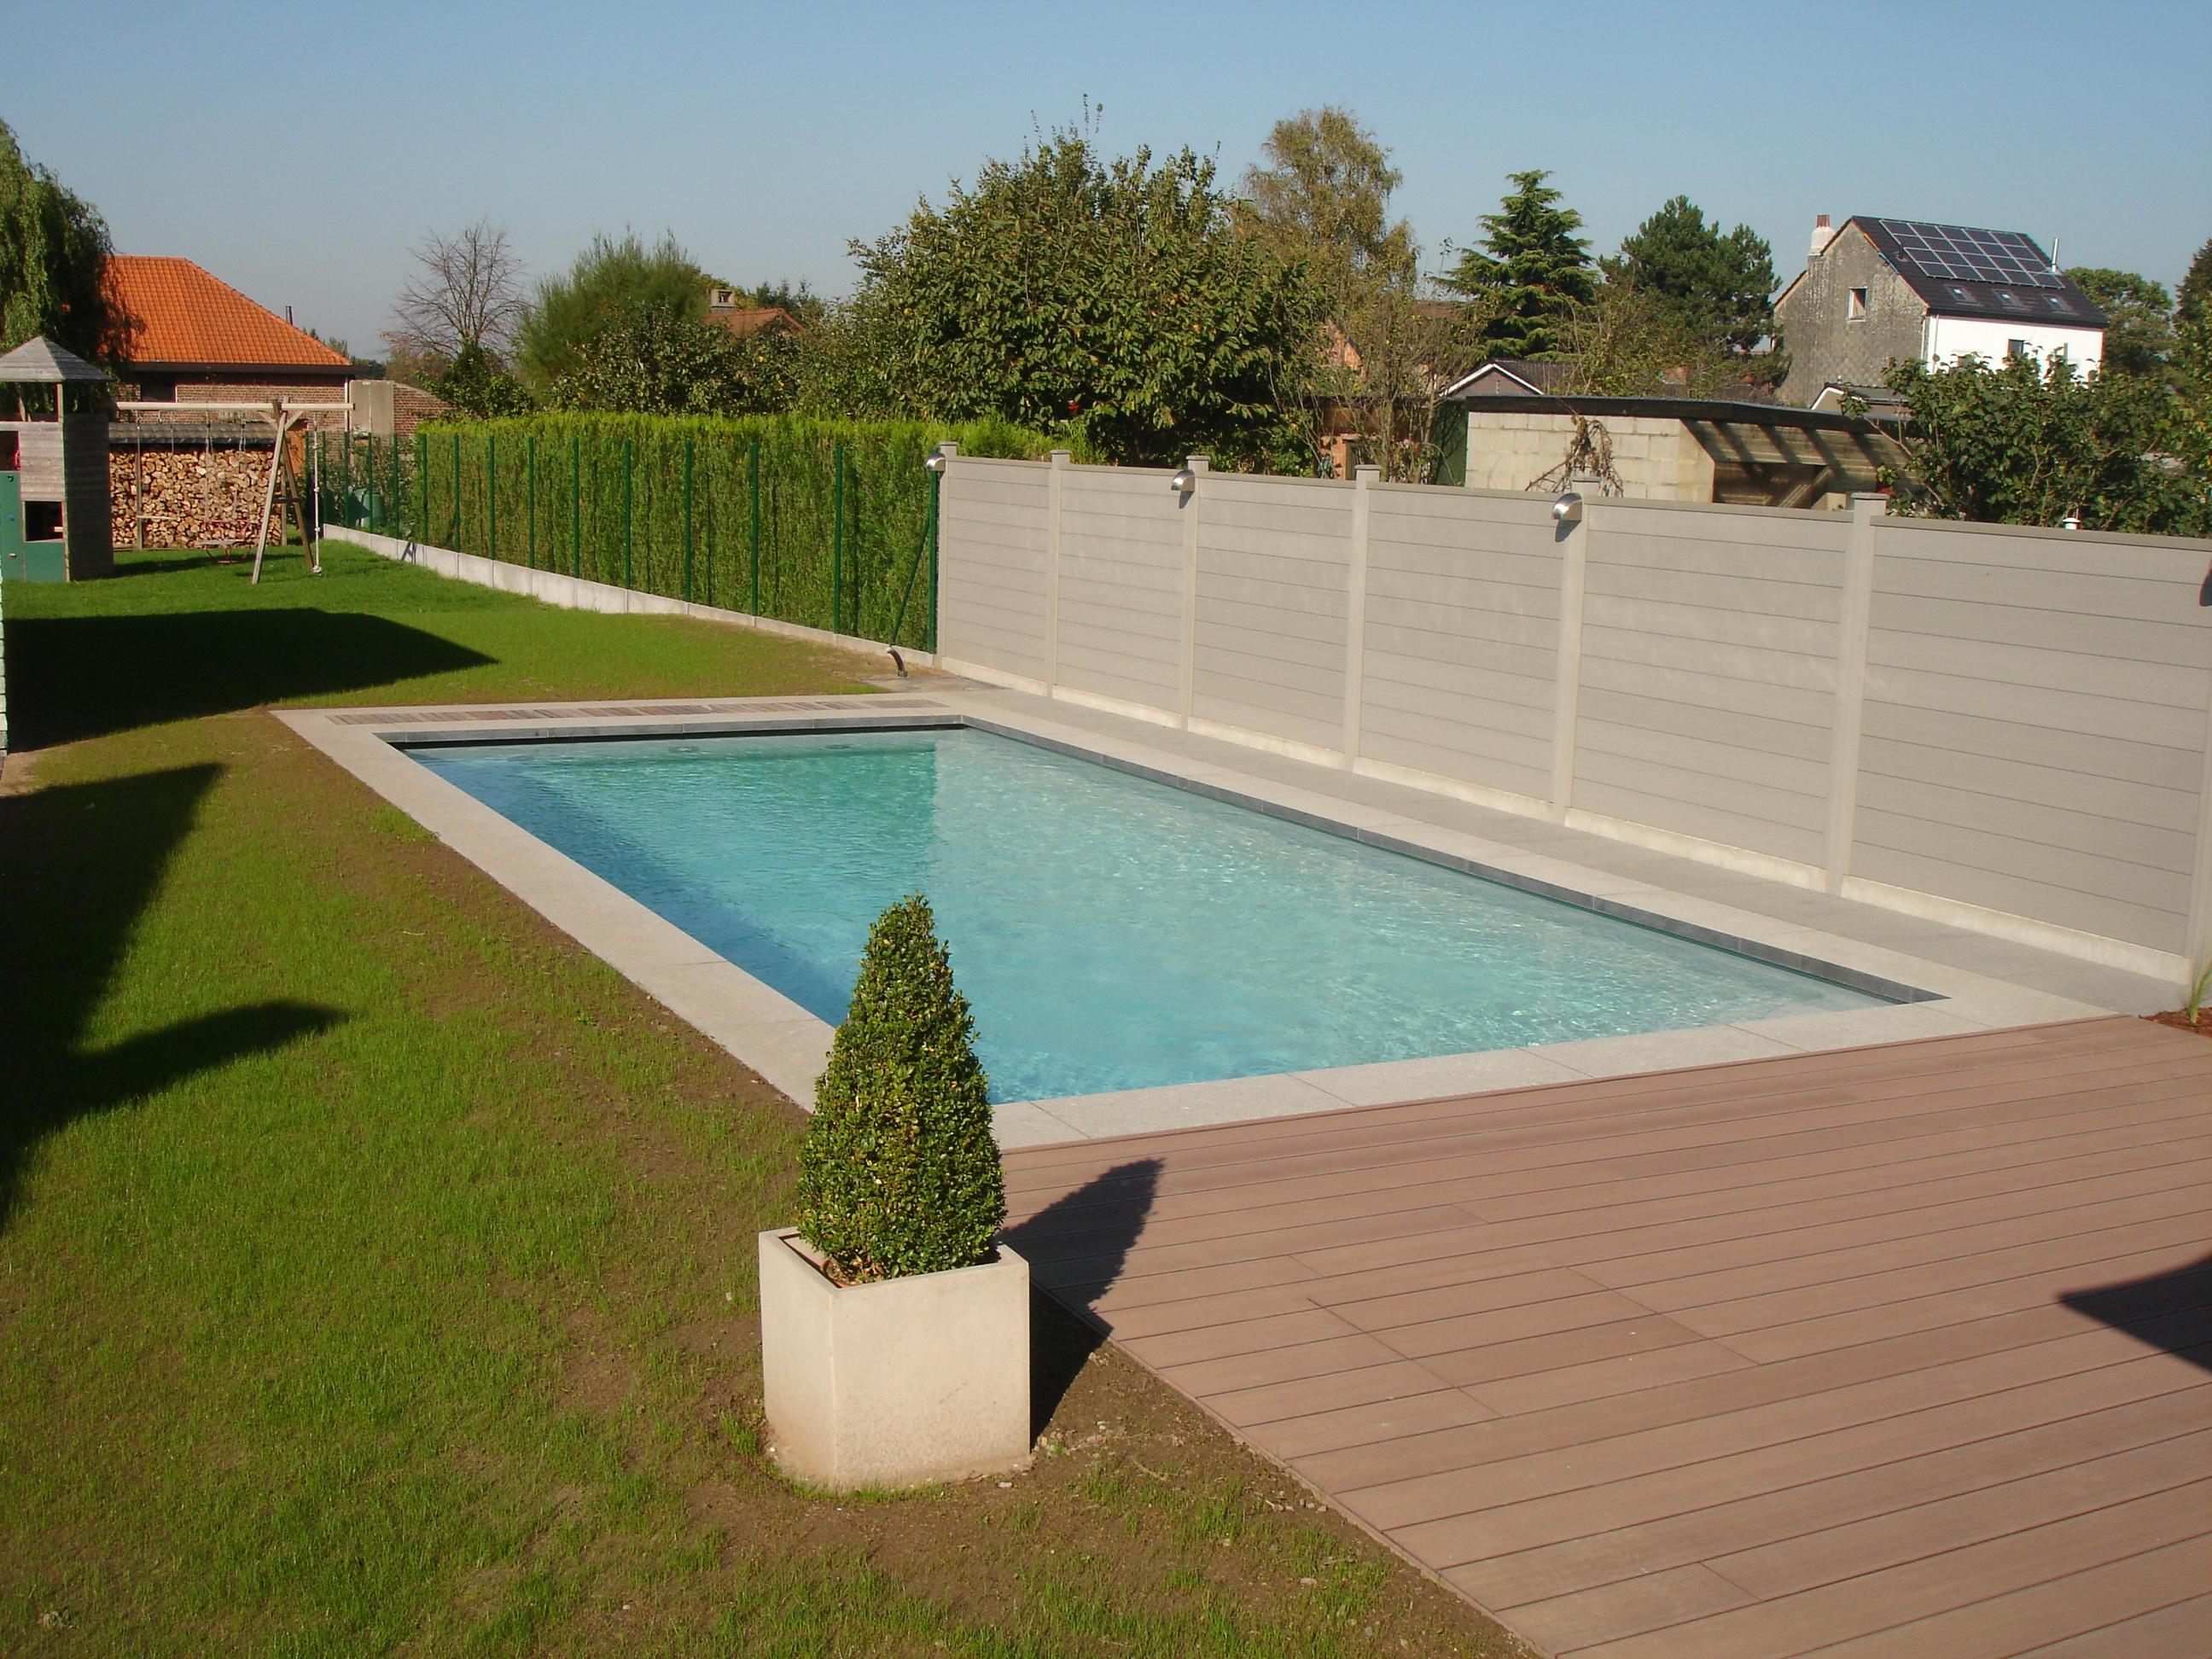 Comment r ussir la construction d 39 une piscine for Parlons piscine